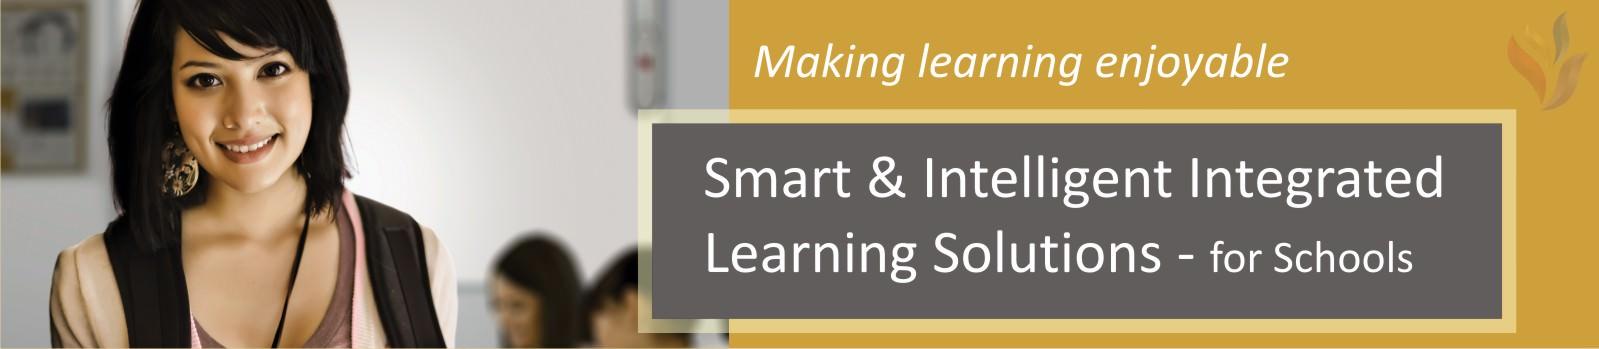 Scientech Smart School Solutions